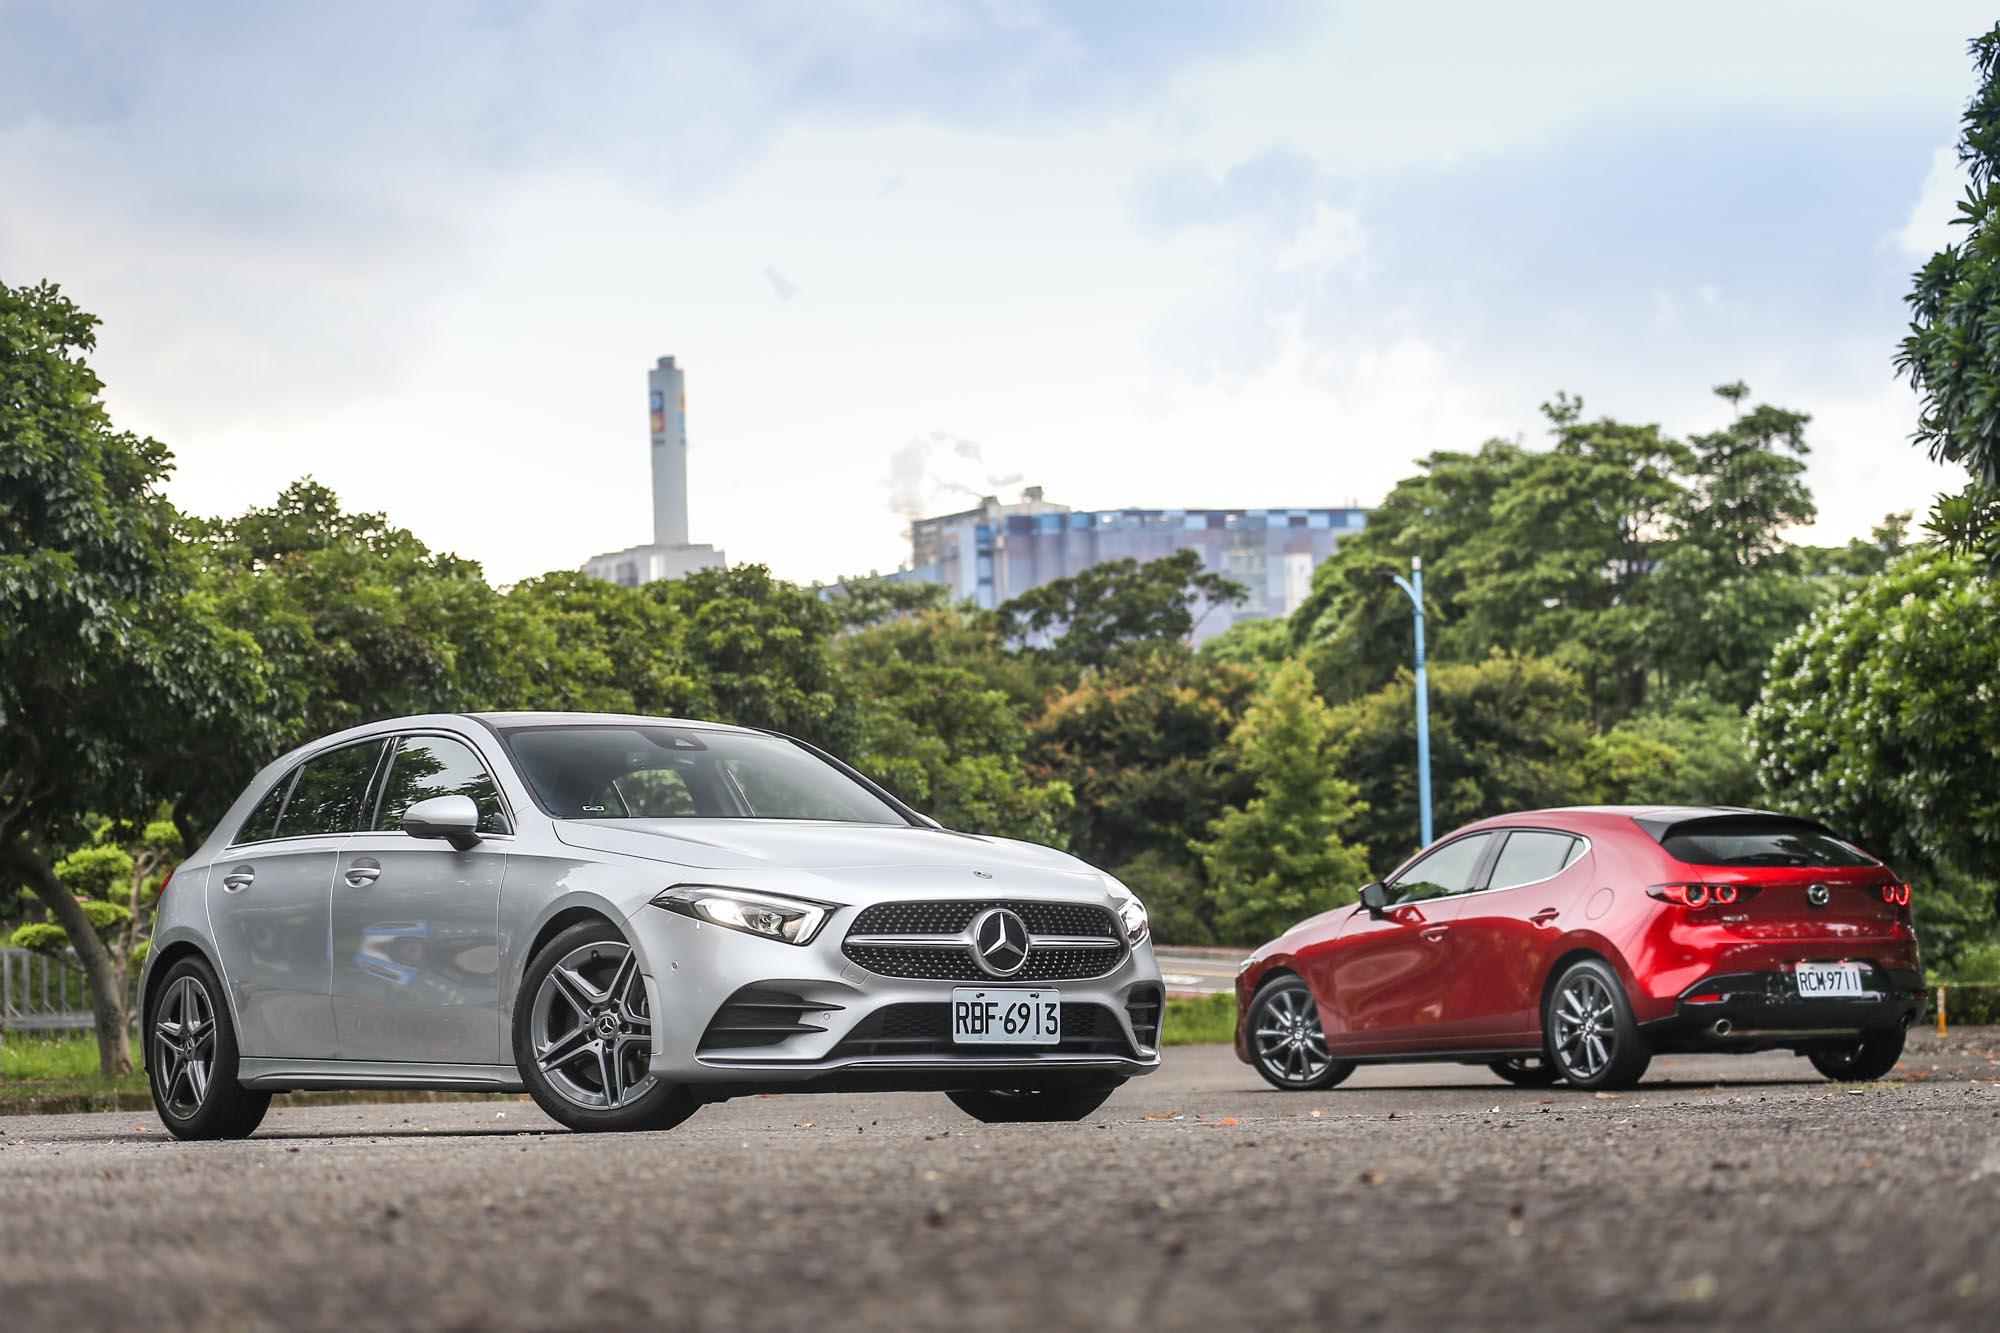 不對等的戰役!Mazda3 對上M-Benz A250 的贏面在哪裡?